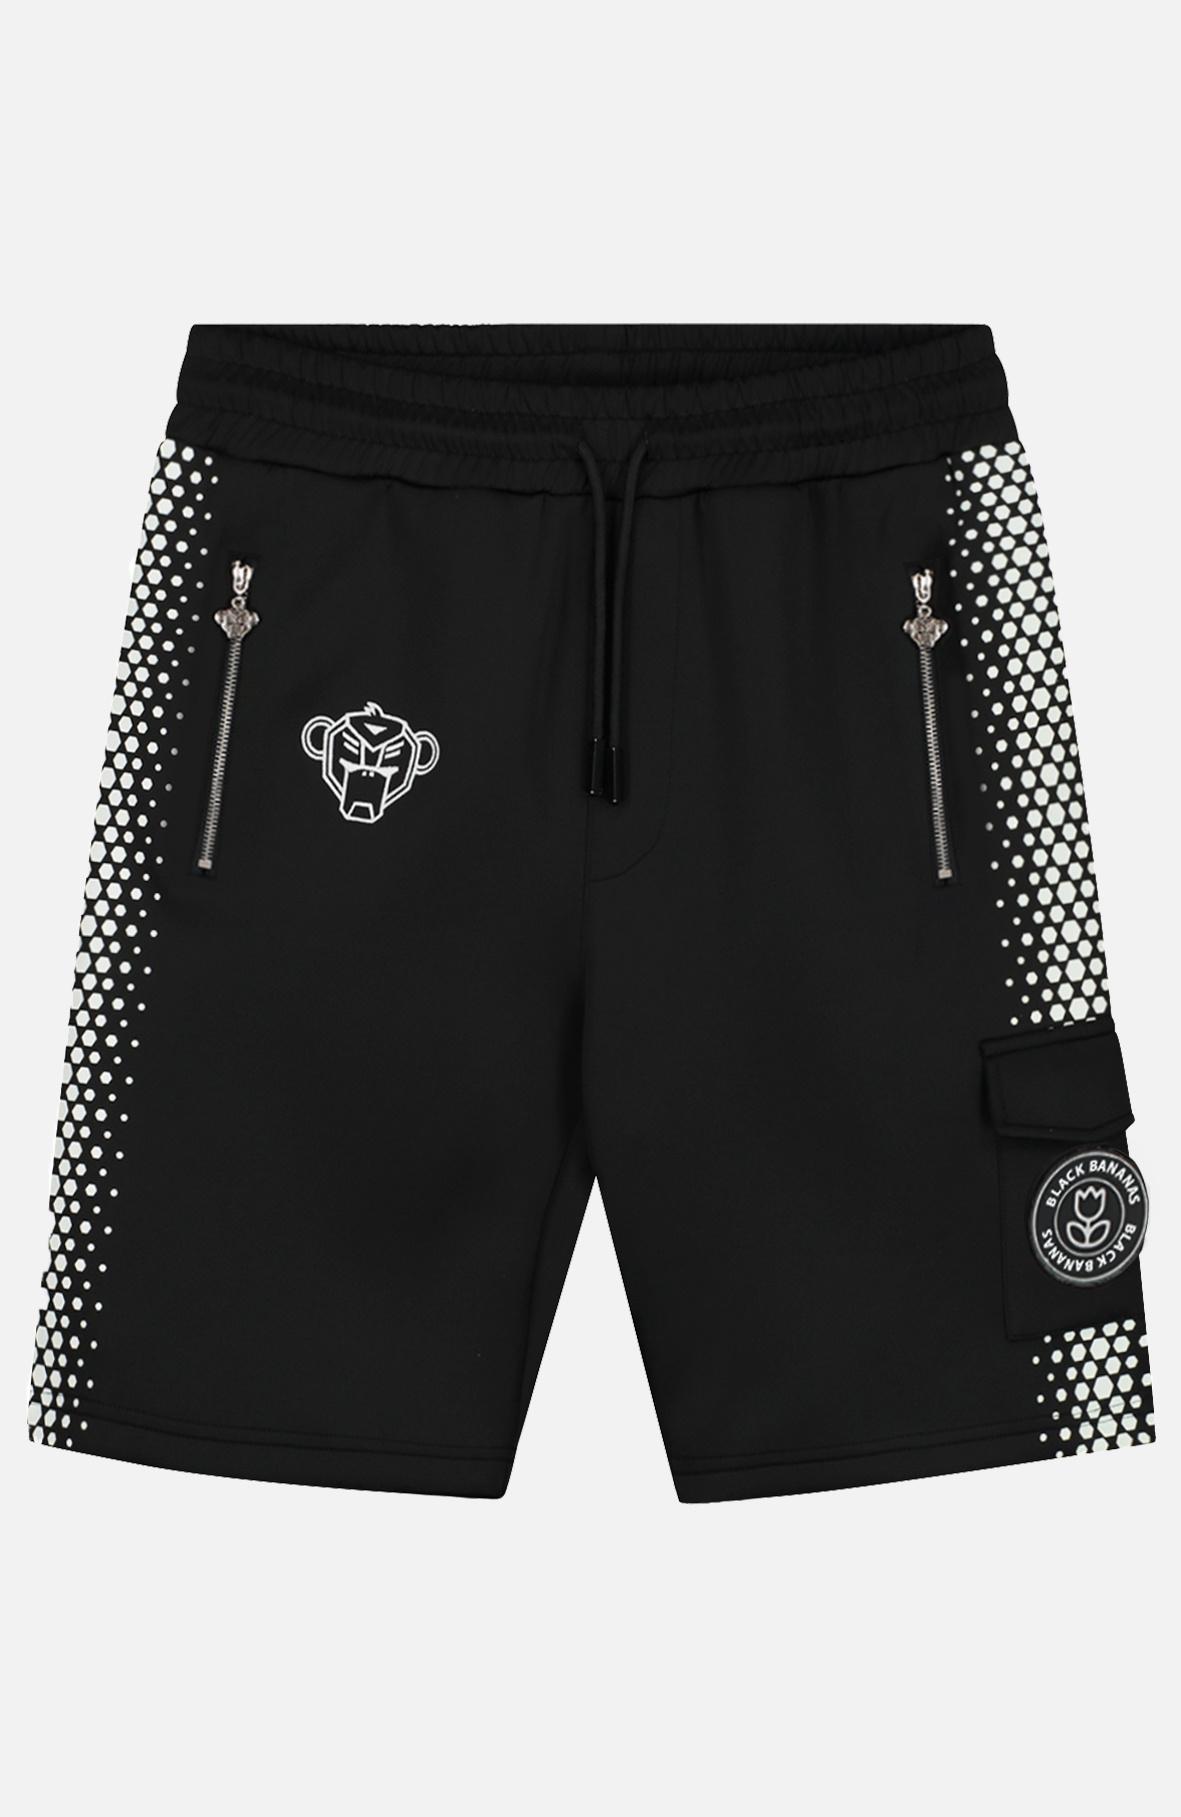 Hexagon Short Black/white-1